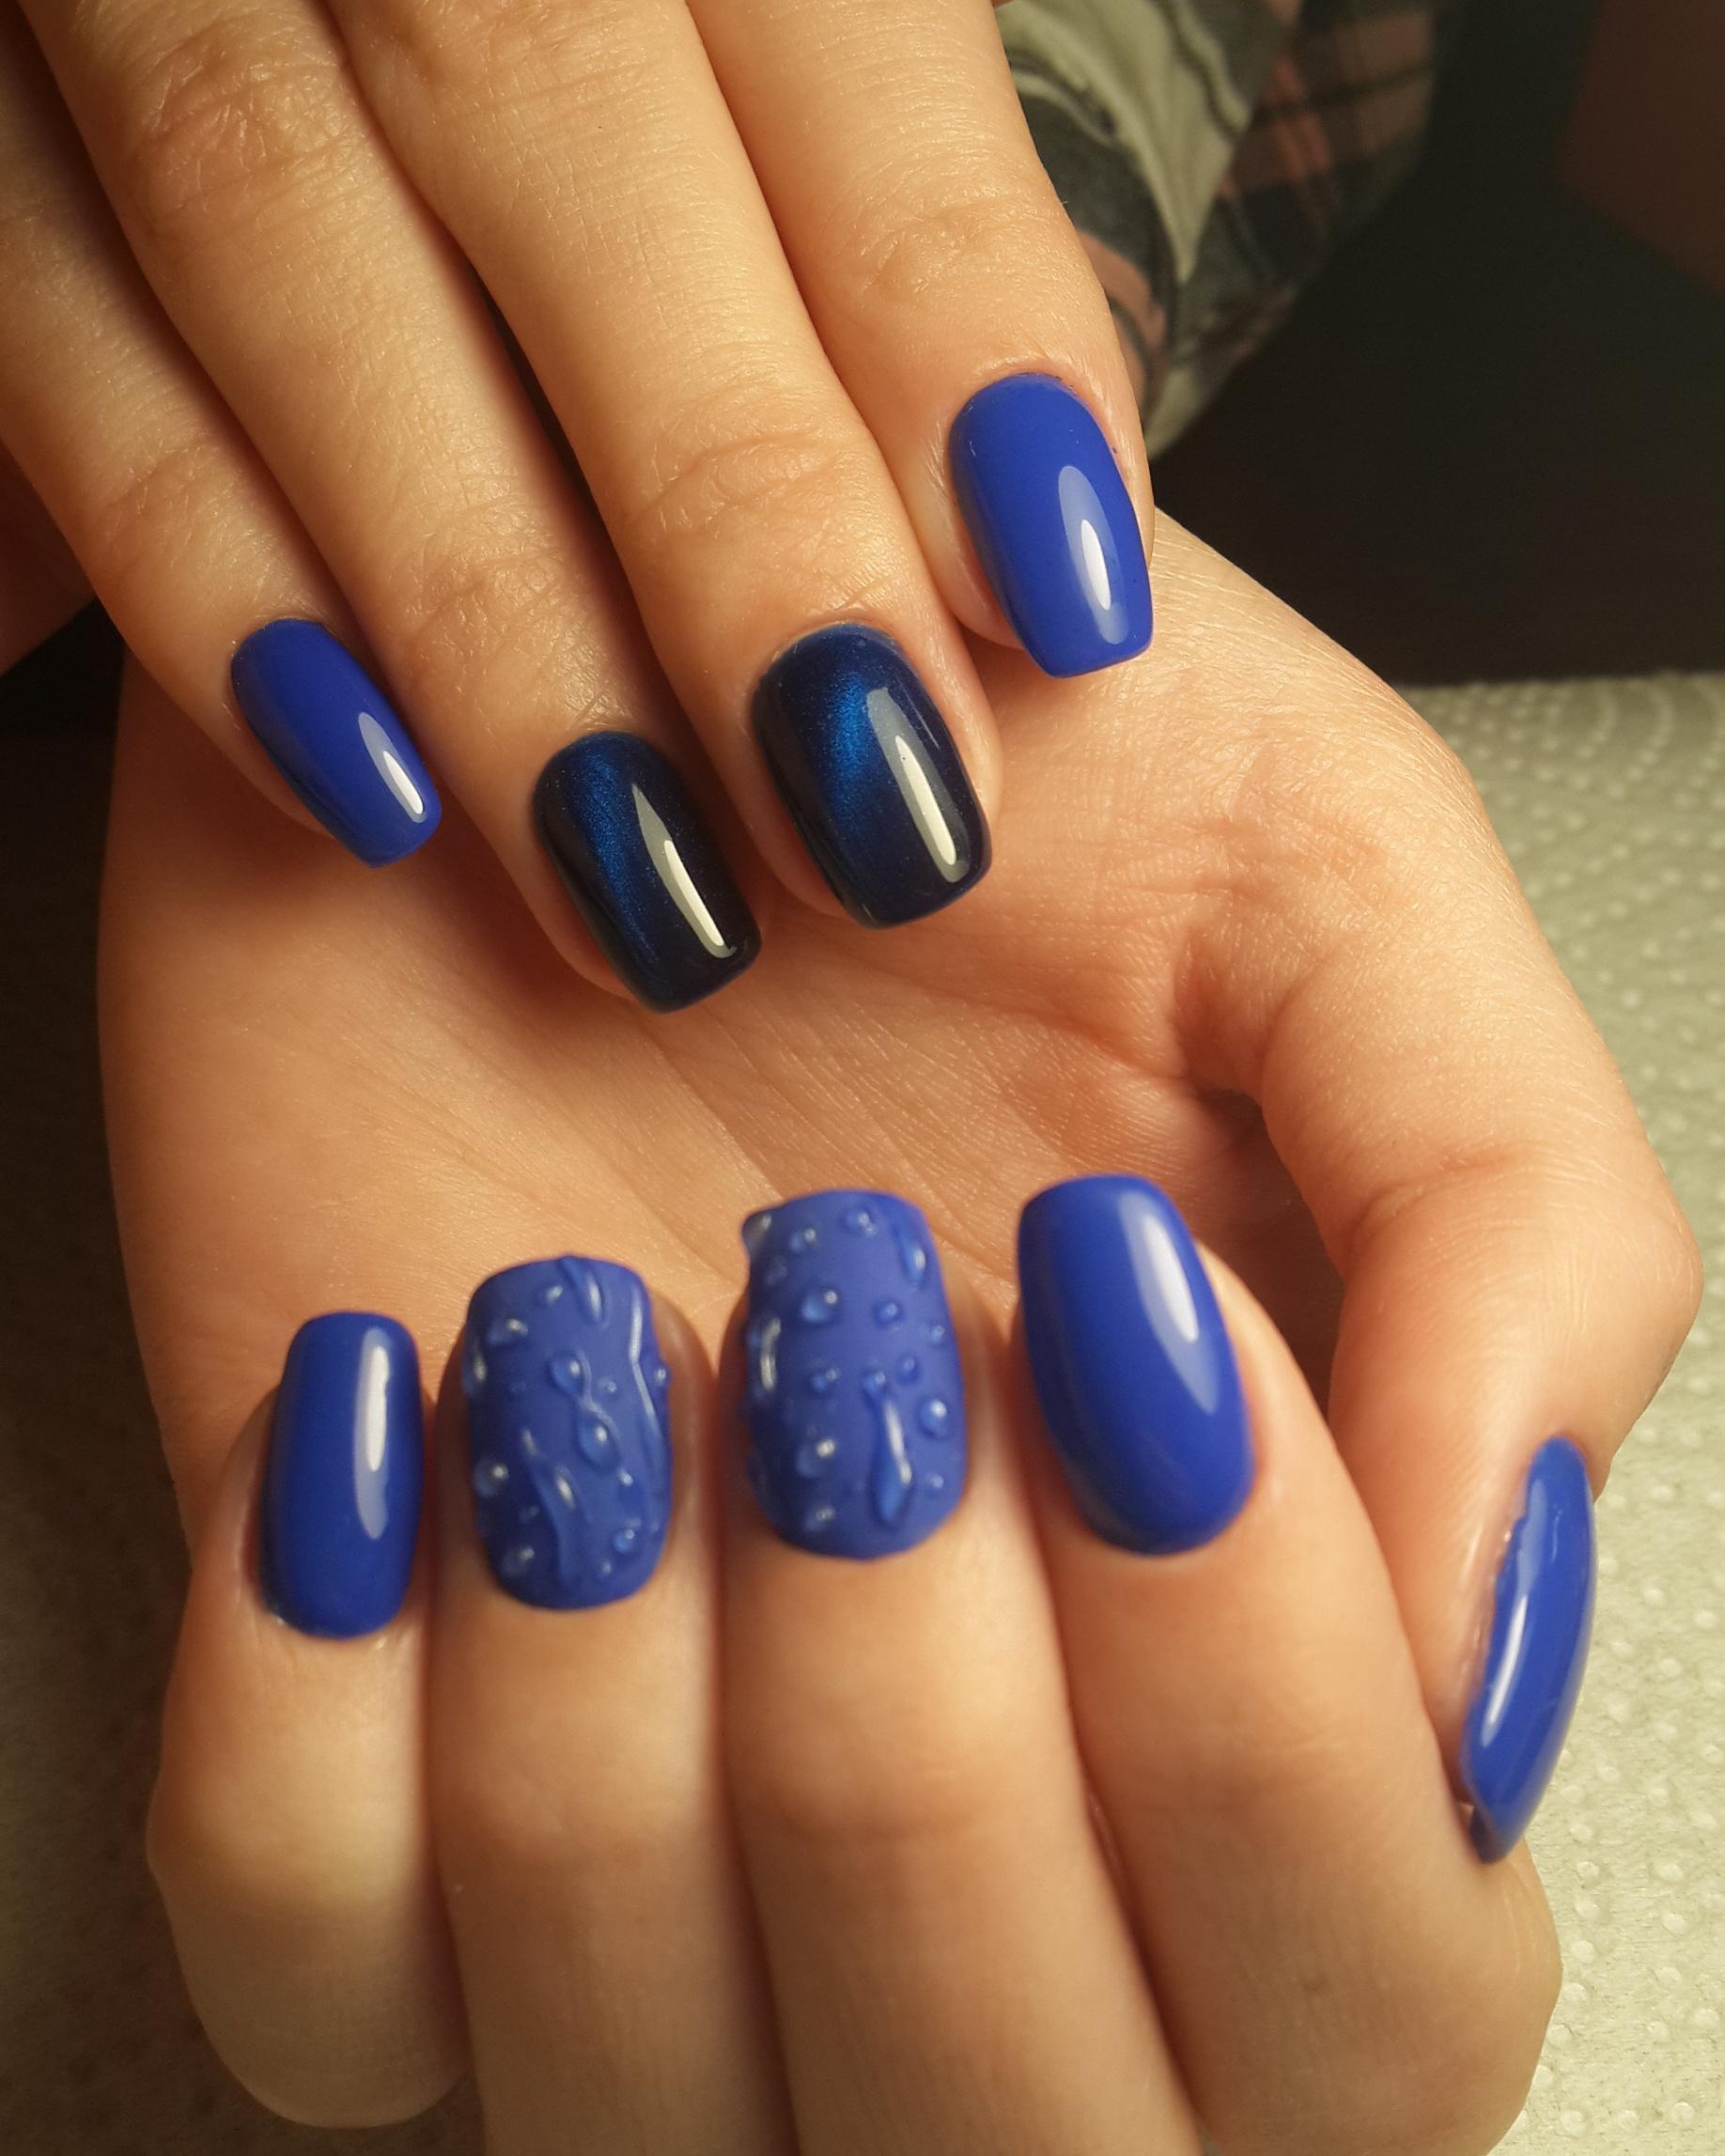 Синий маникюр с магнитными и объемными узорами